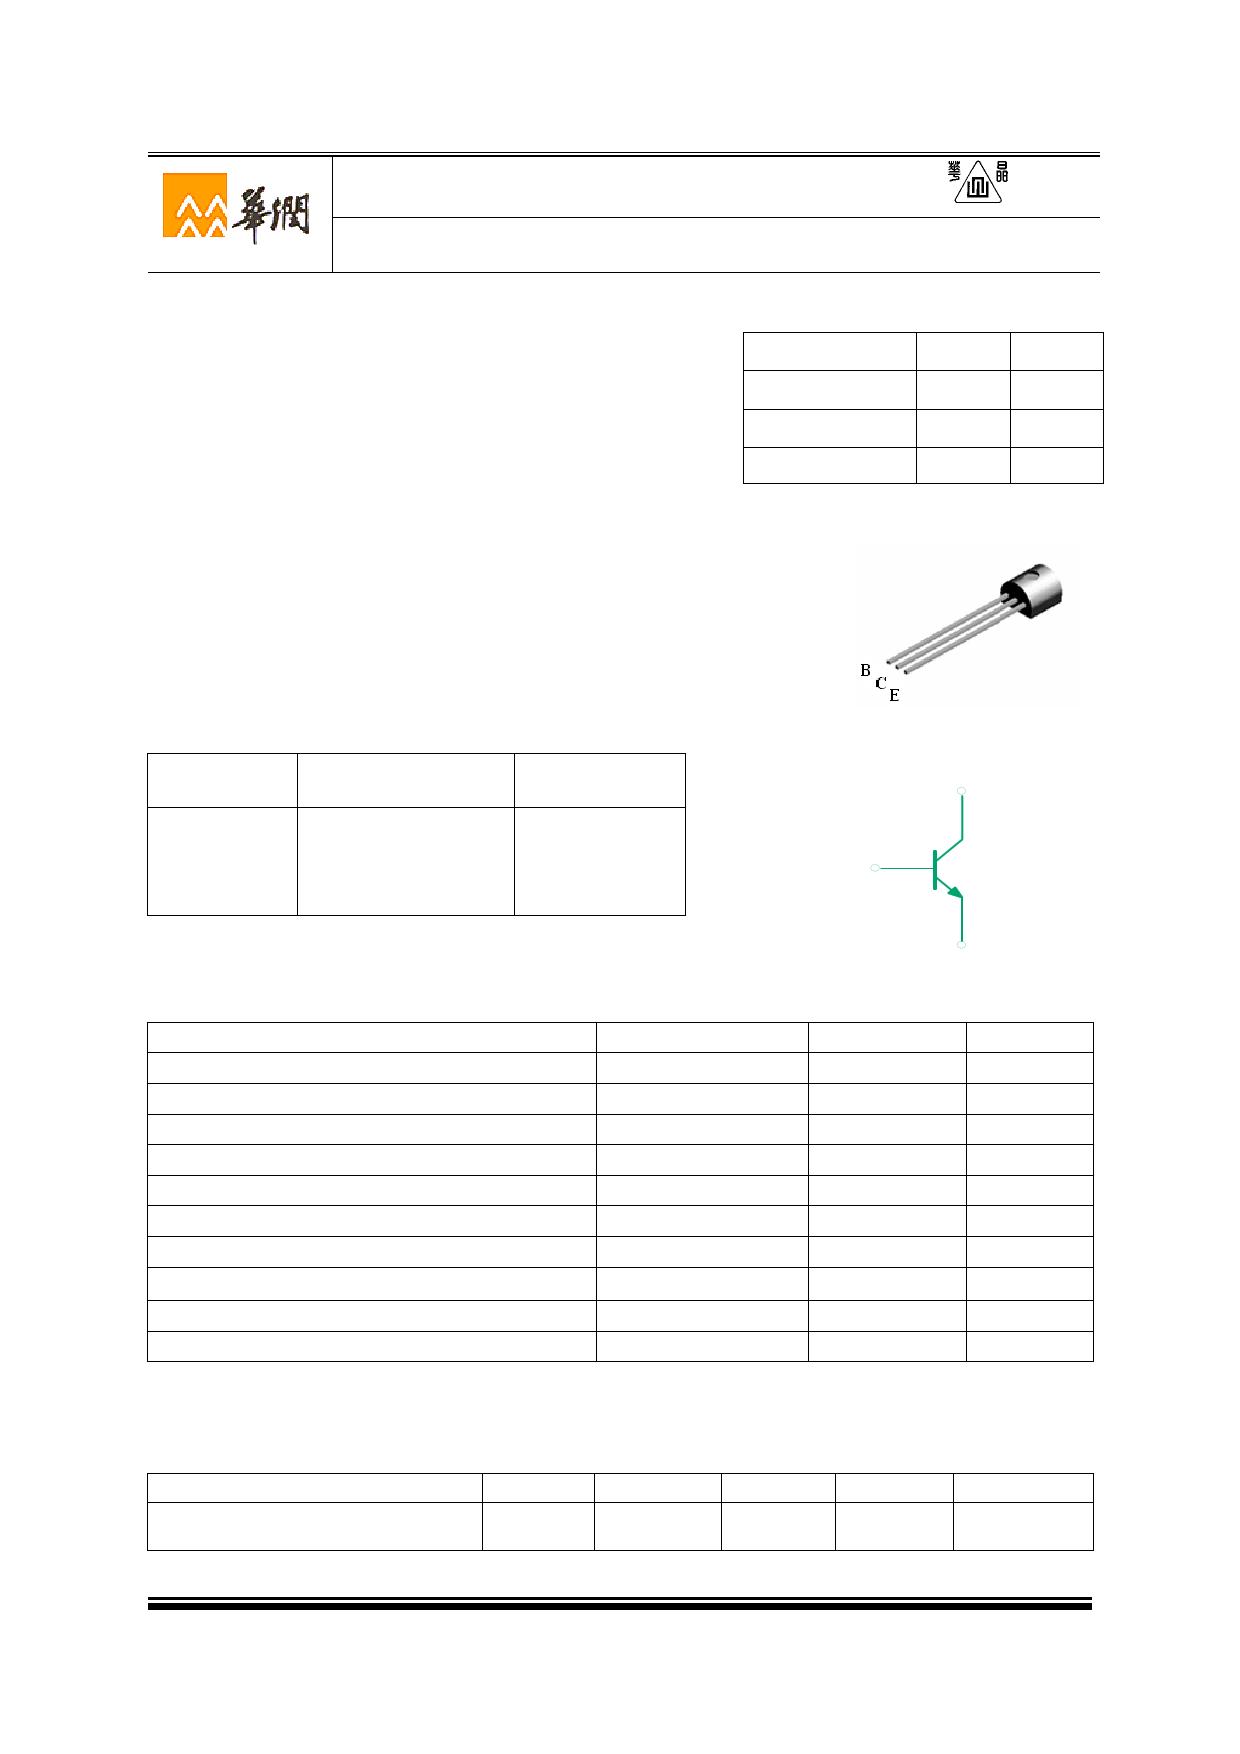 3DD13001A1 Datasheet, 3DD13001A1 PDF,ピン配置, 機能